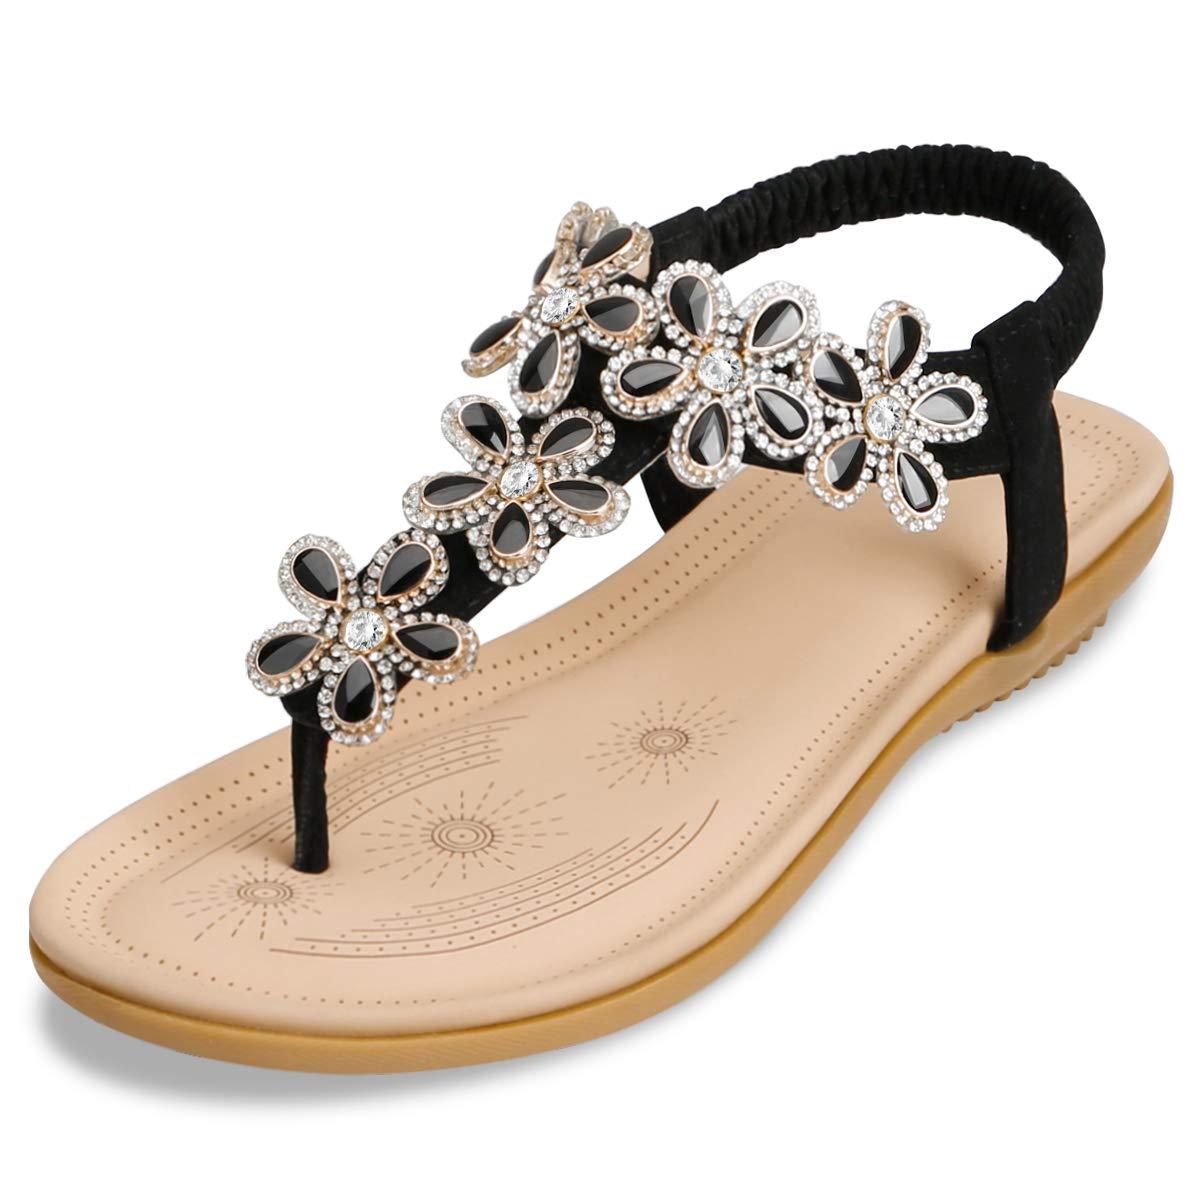 d7e8487d121c03 ZOEREA Sandales Plates Femme Mode Été Bohème Strass Fleurs Cuir PU Tongs  Peep Toe Confortables Femmes